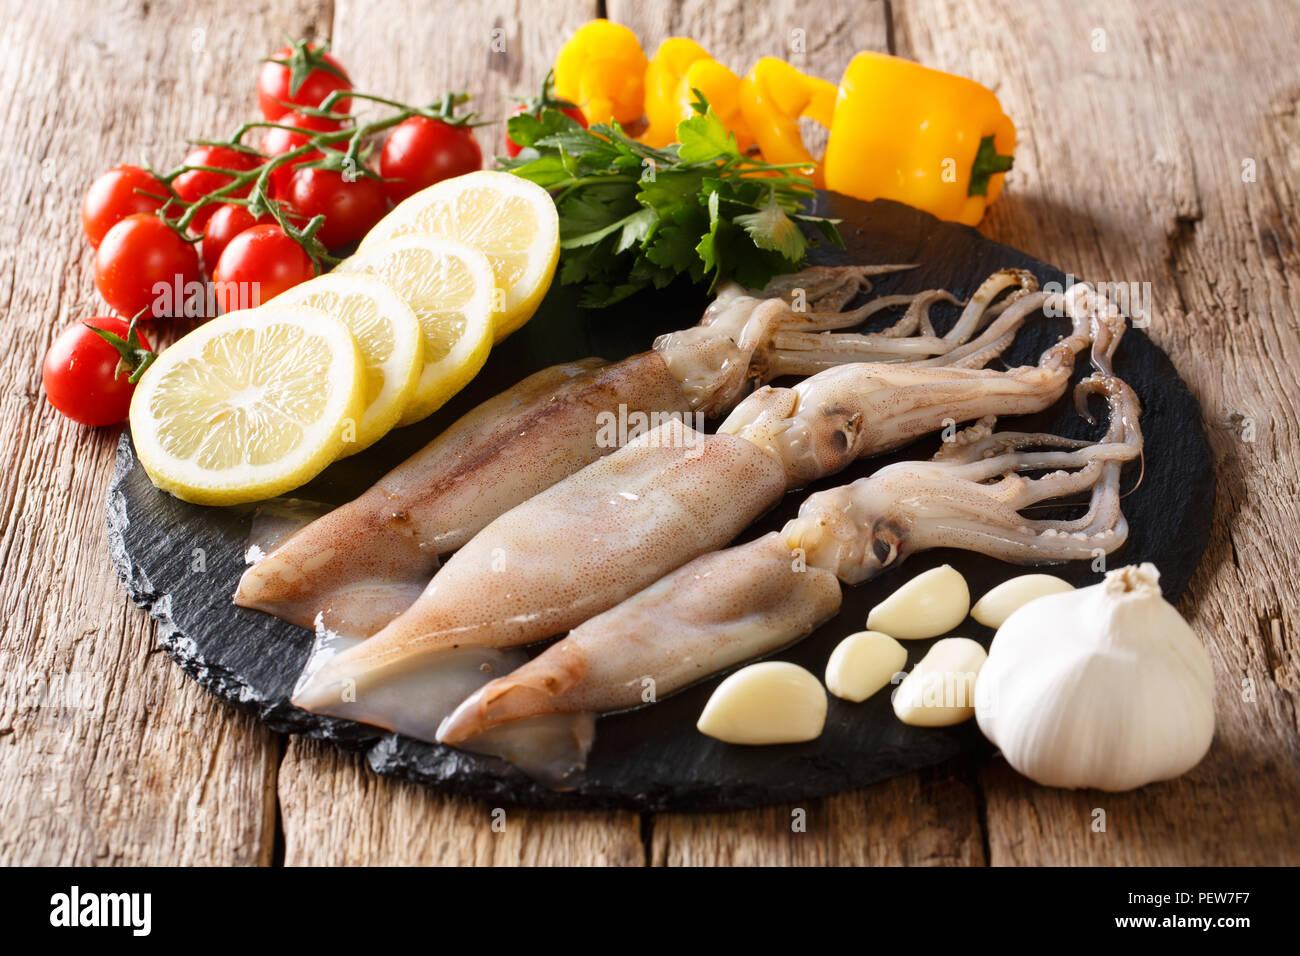 Rohe Meerestiere zum Kochen squid Close-up und Zutaten auf einer Schiefertafel Board auf einem Tisch. Horizontale Stockbild